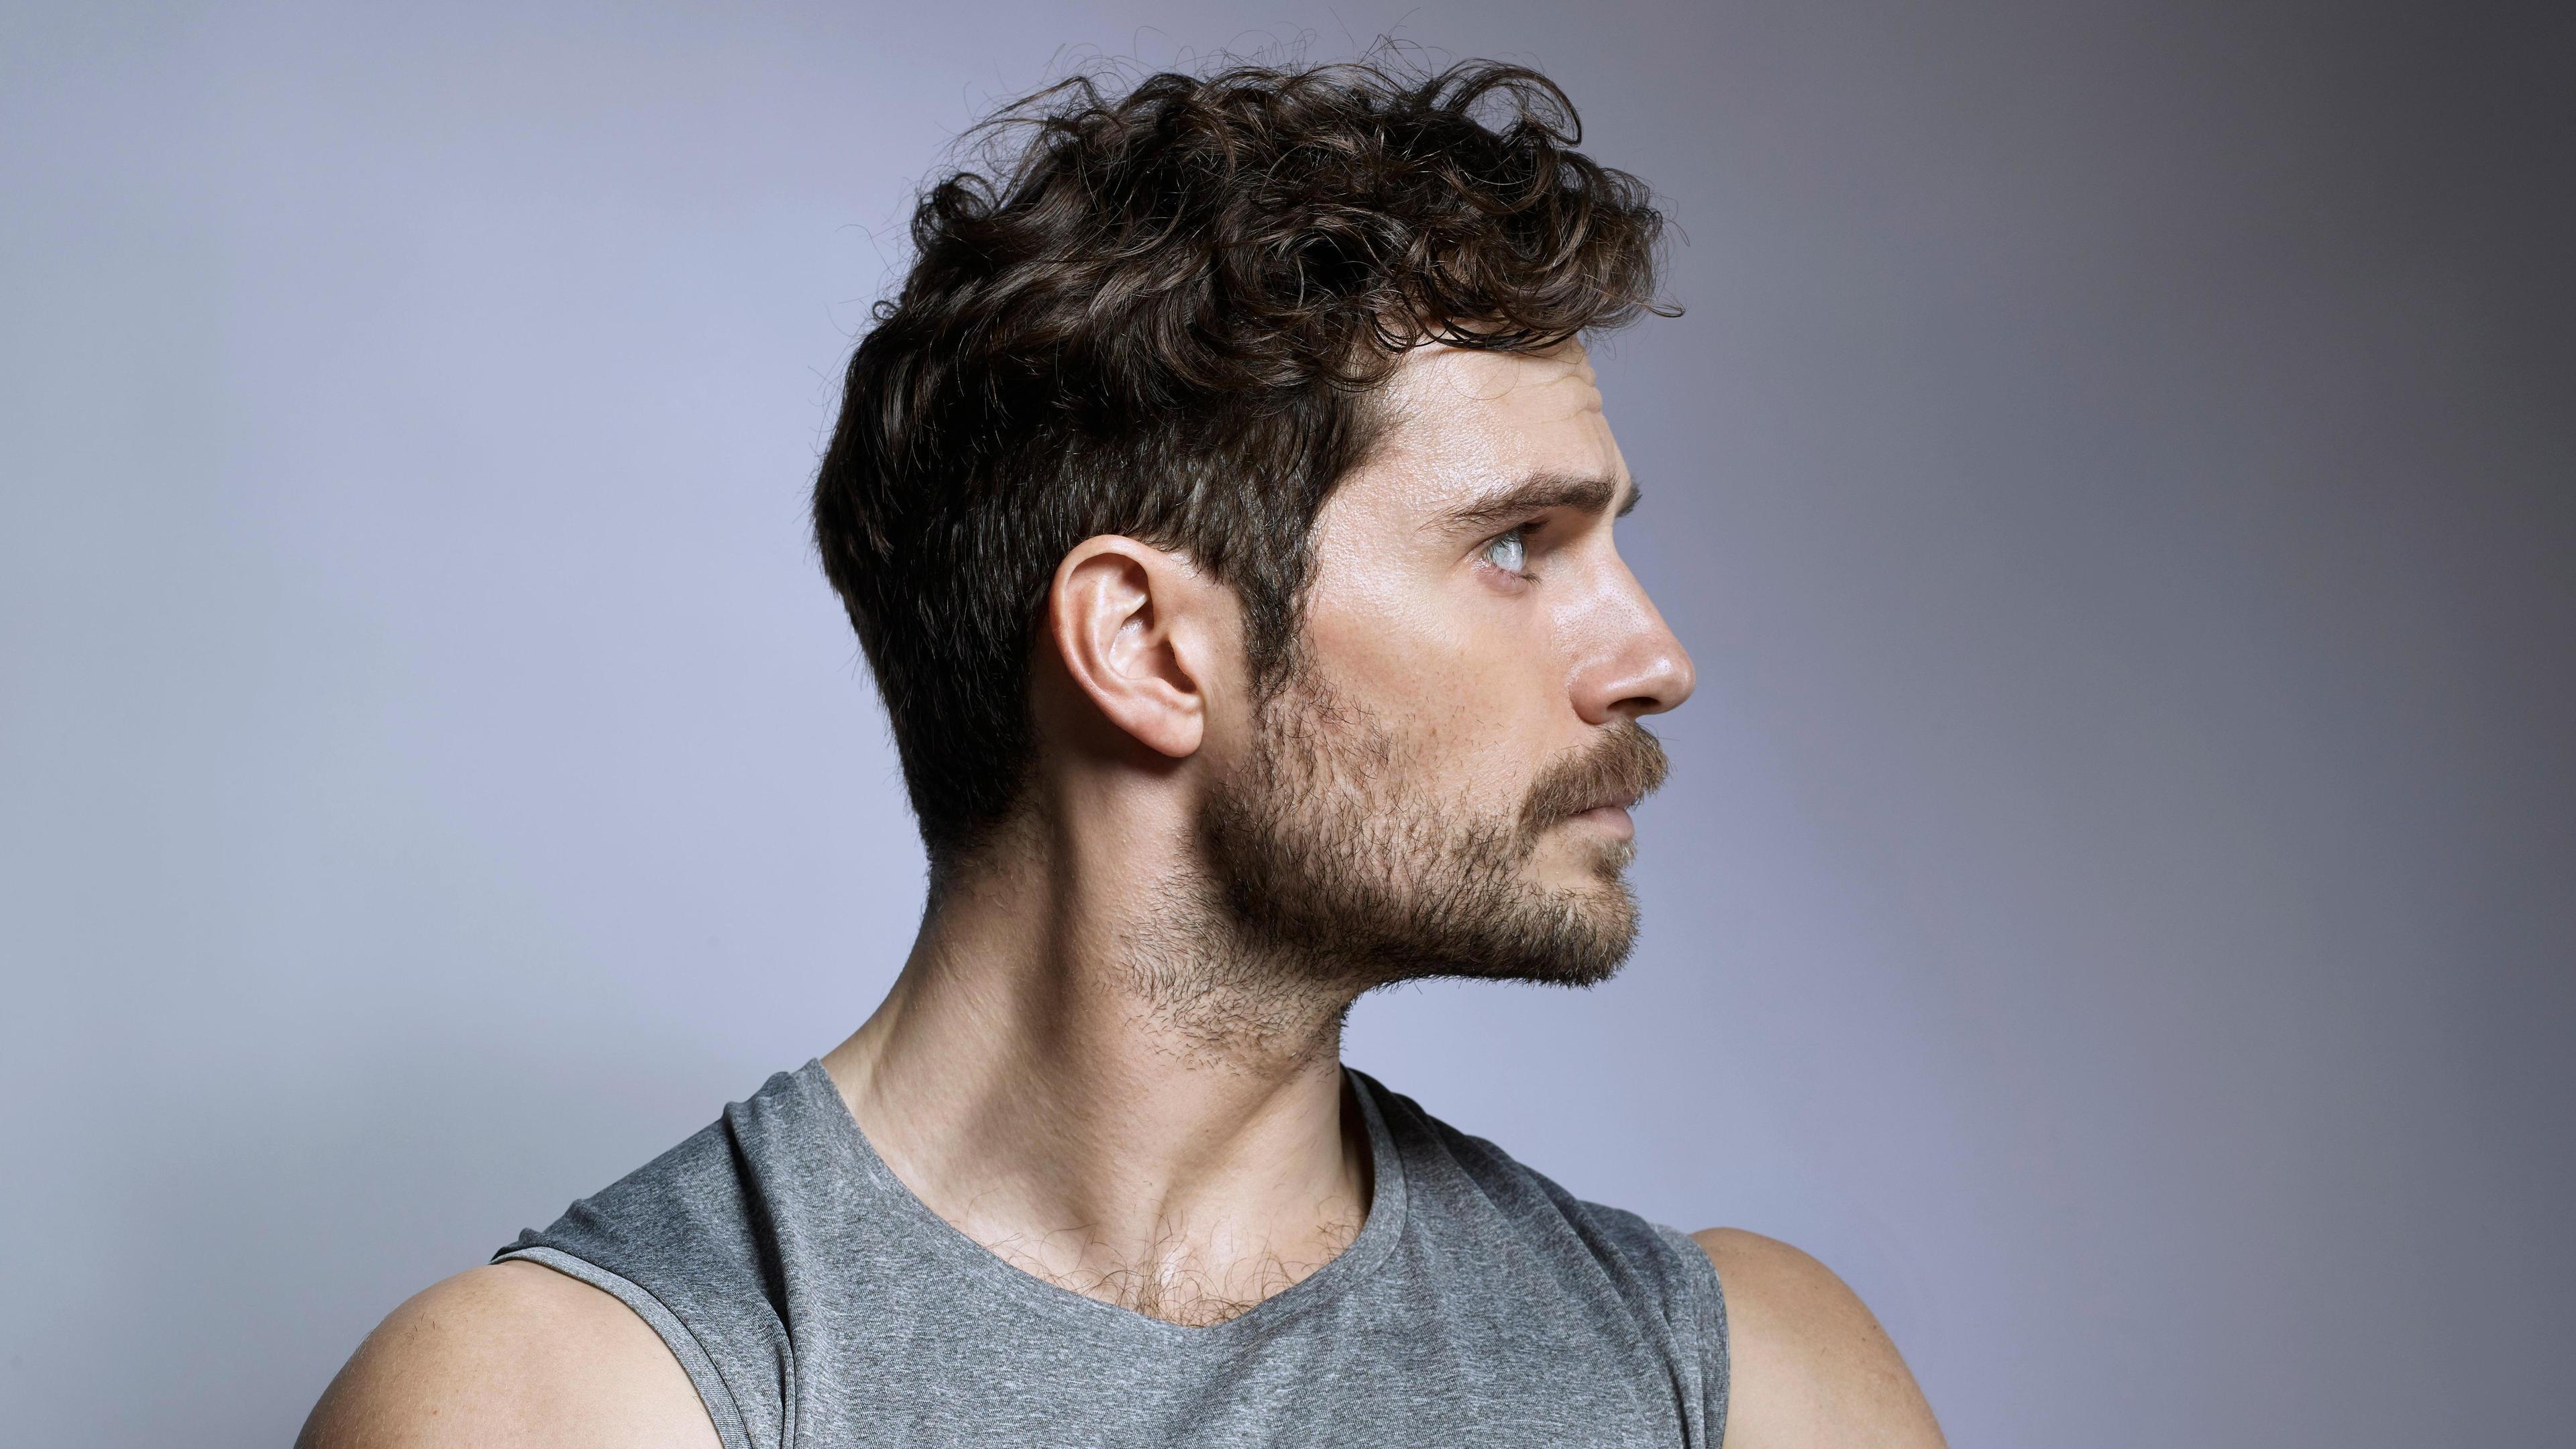 Темный цвет волос у мужчин связали с ранним пубертатом и короткой жизнью